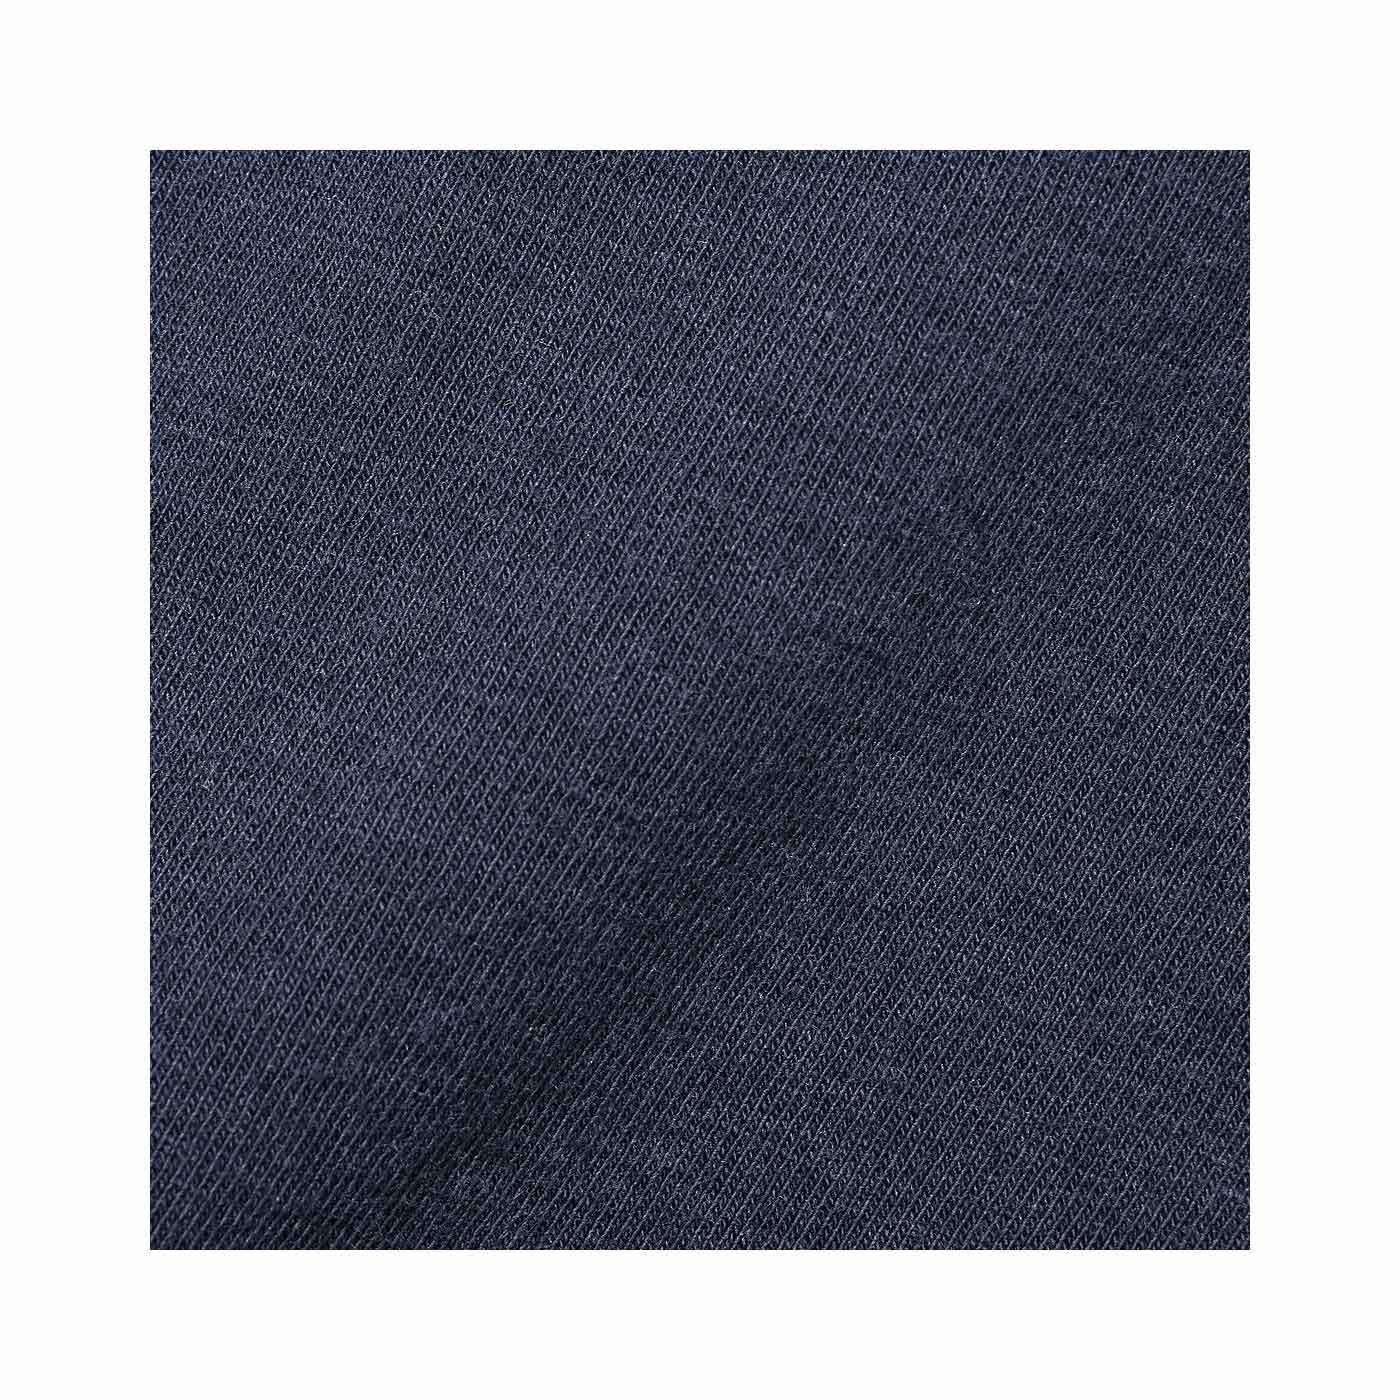 オールシーズン心地よい、綿混素材。